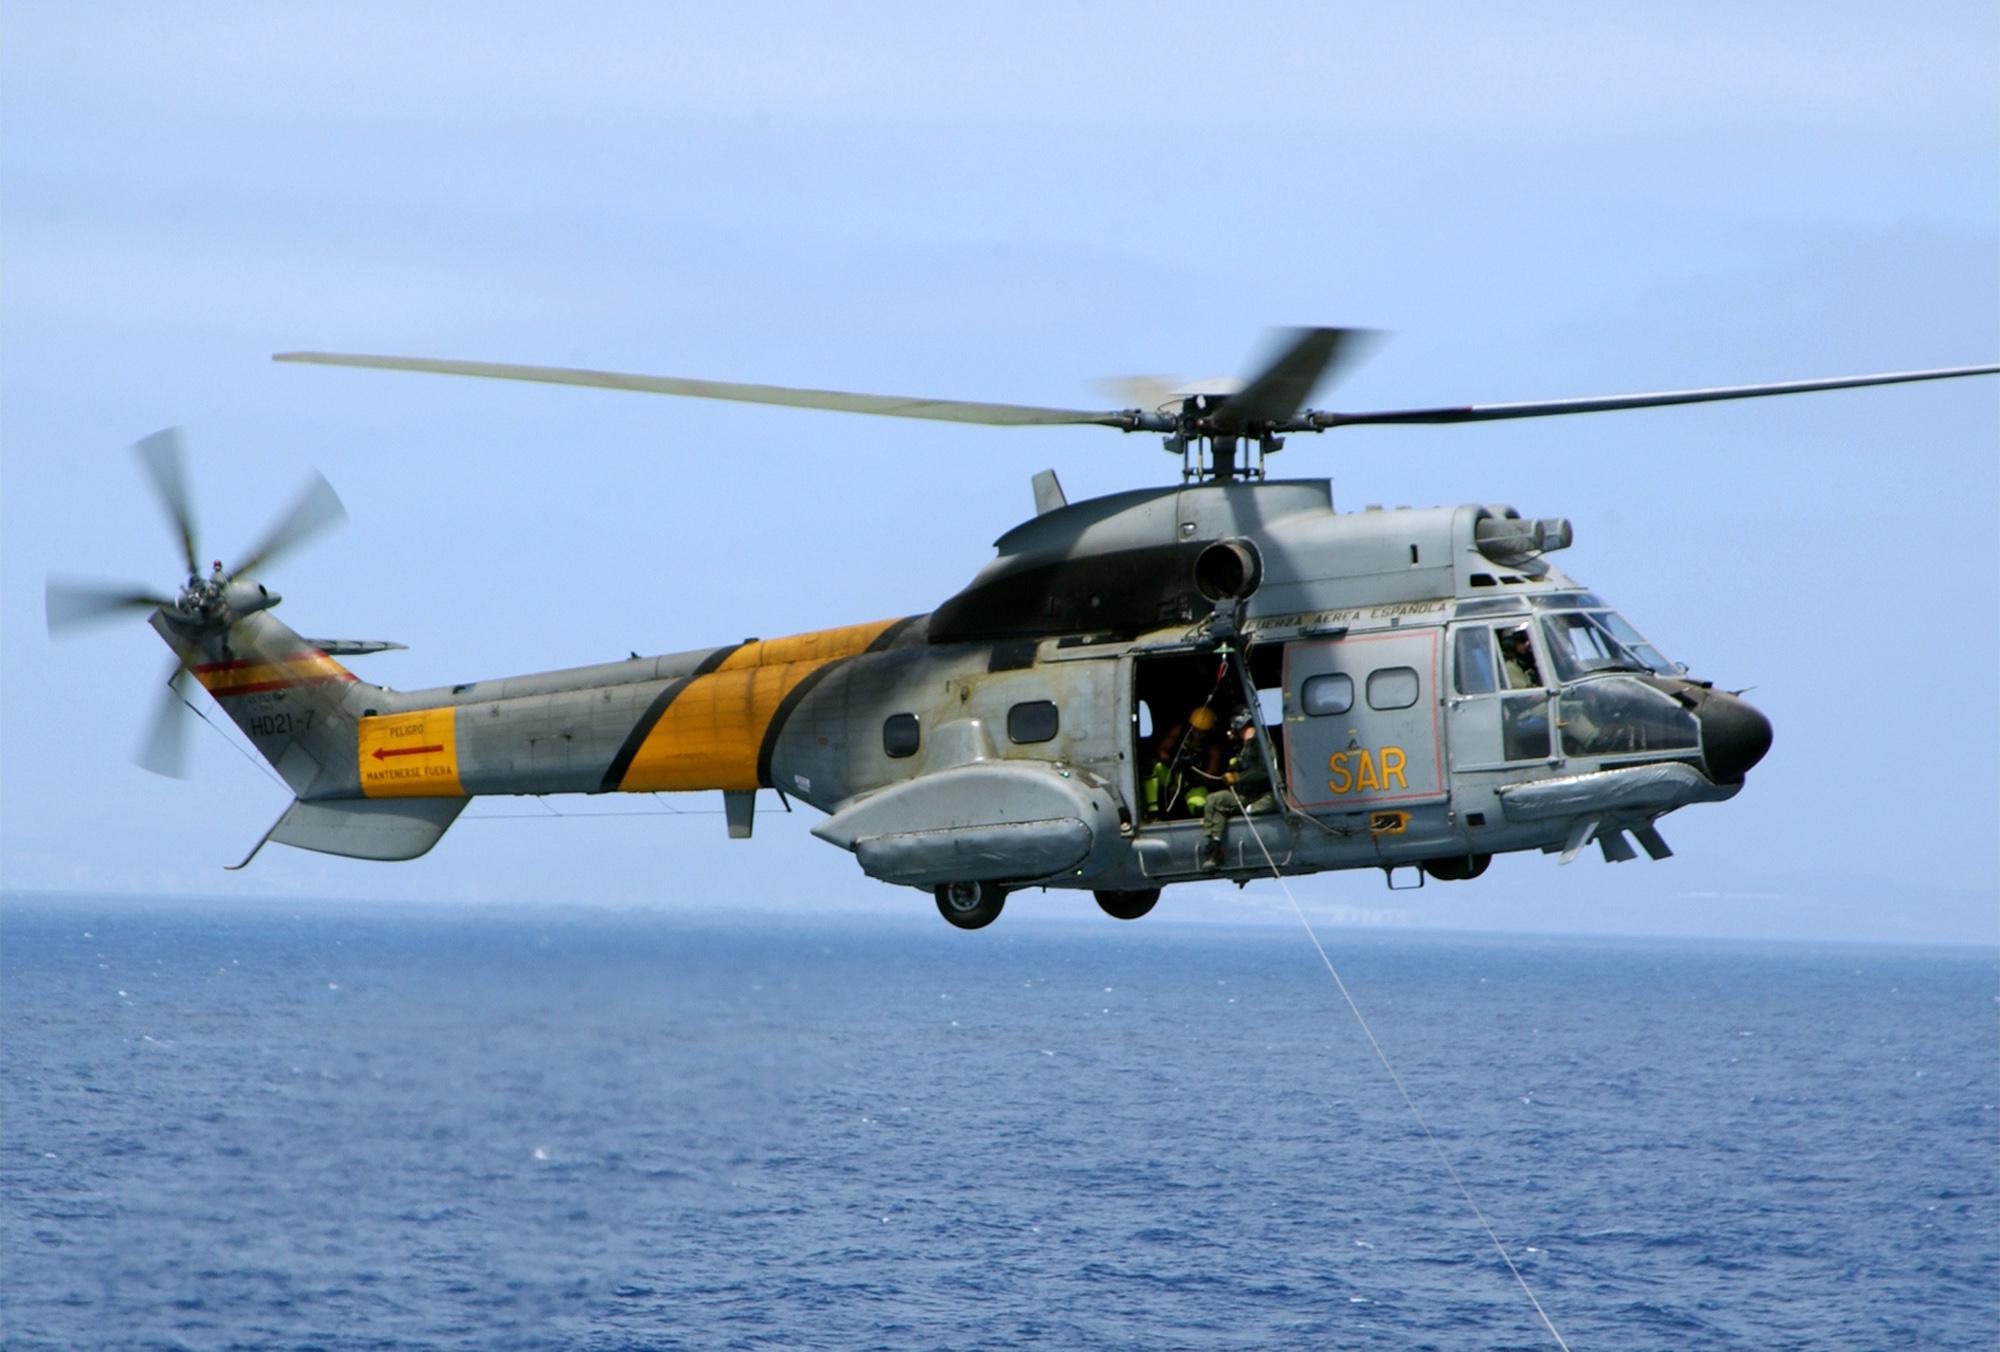 LASD Eurocopter AS332L1 Super Puma N951LB Los Angeles